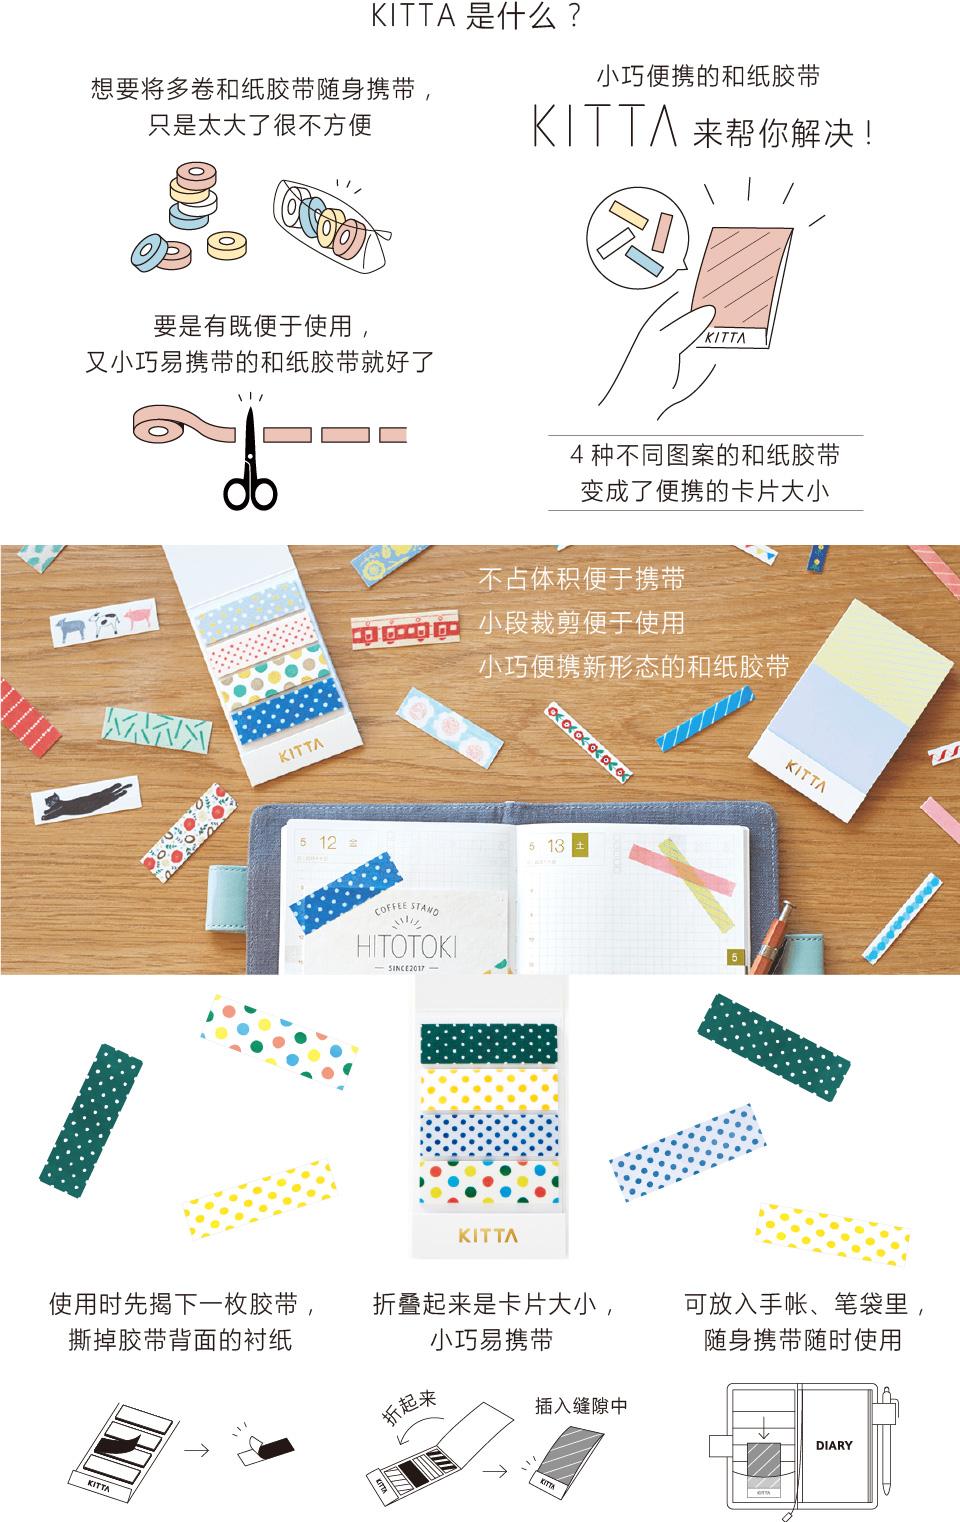 想要每天将和纸胶带随身携带,只是太大了很不方便。要是有既便于使用,又小巧易携带的和纸胶带就好了。 KITTA来帮你解决!将4种不同图案的和纸胶带收纳为卡片大小。